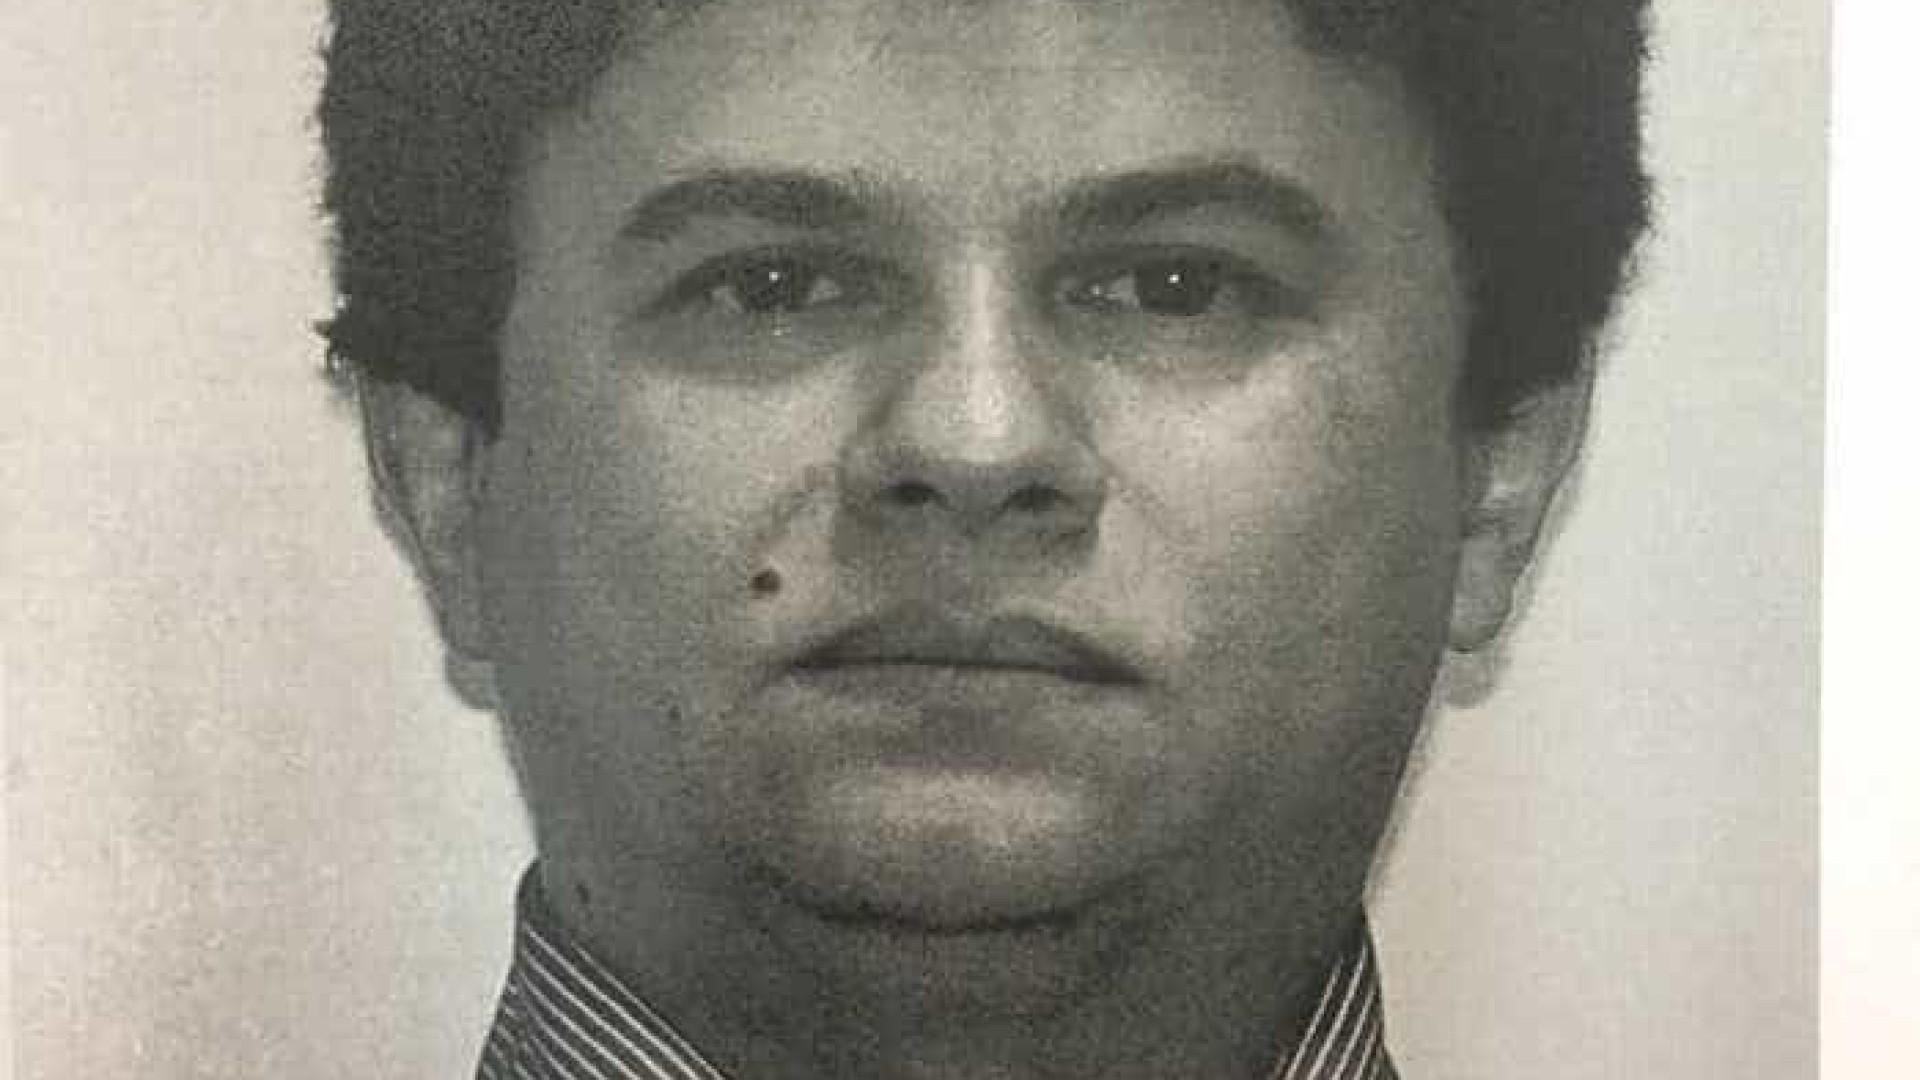 Polícia prende fundador de seita que castrava jovens no Maranhão